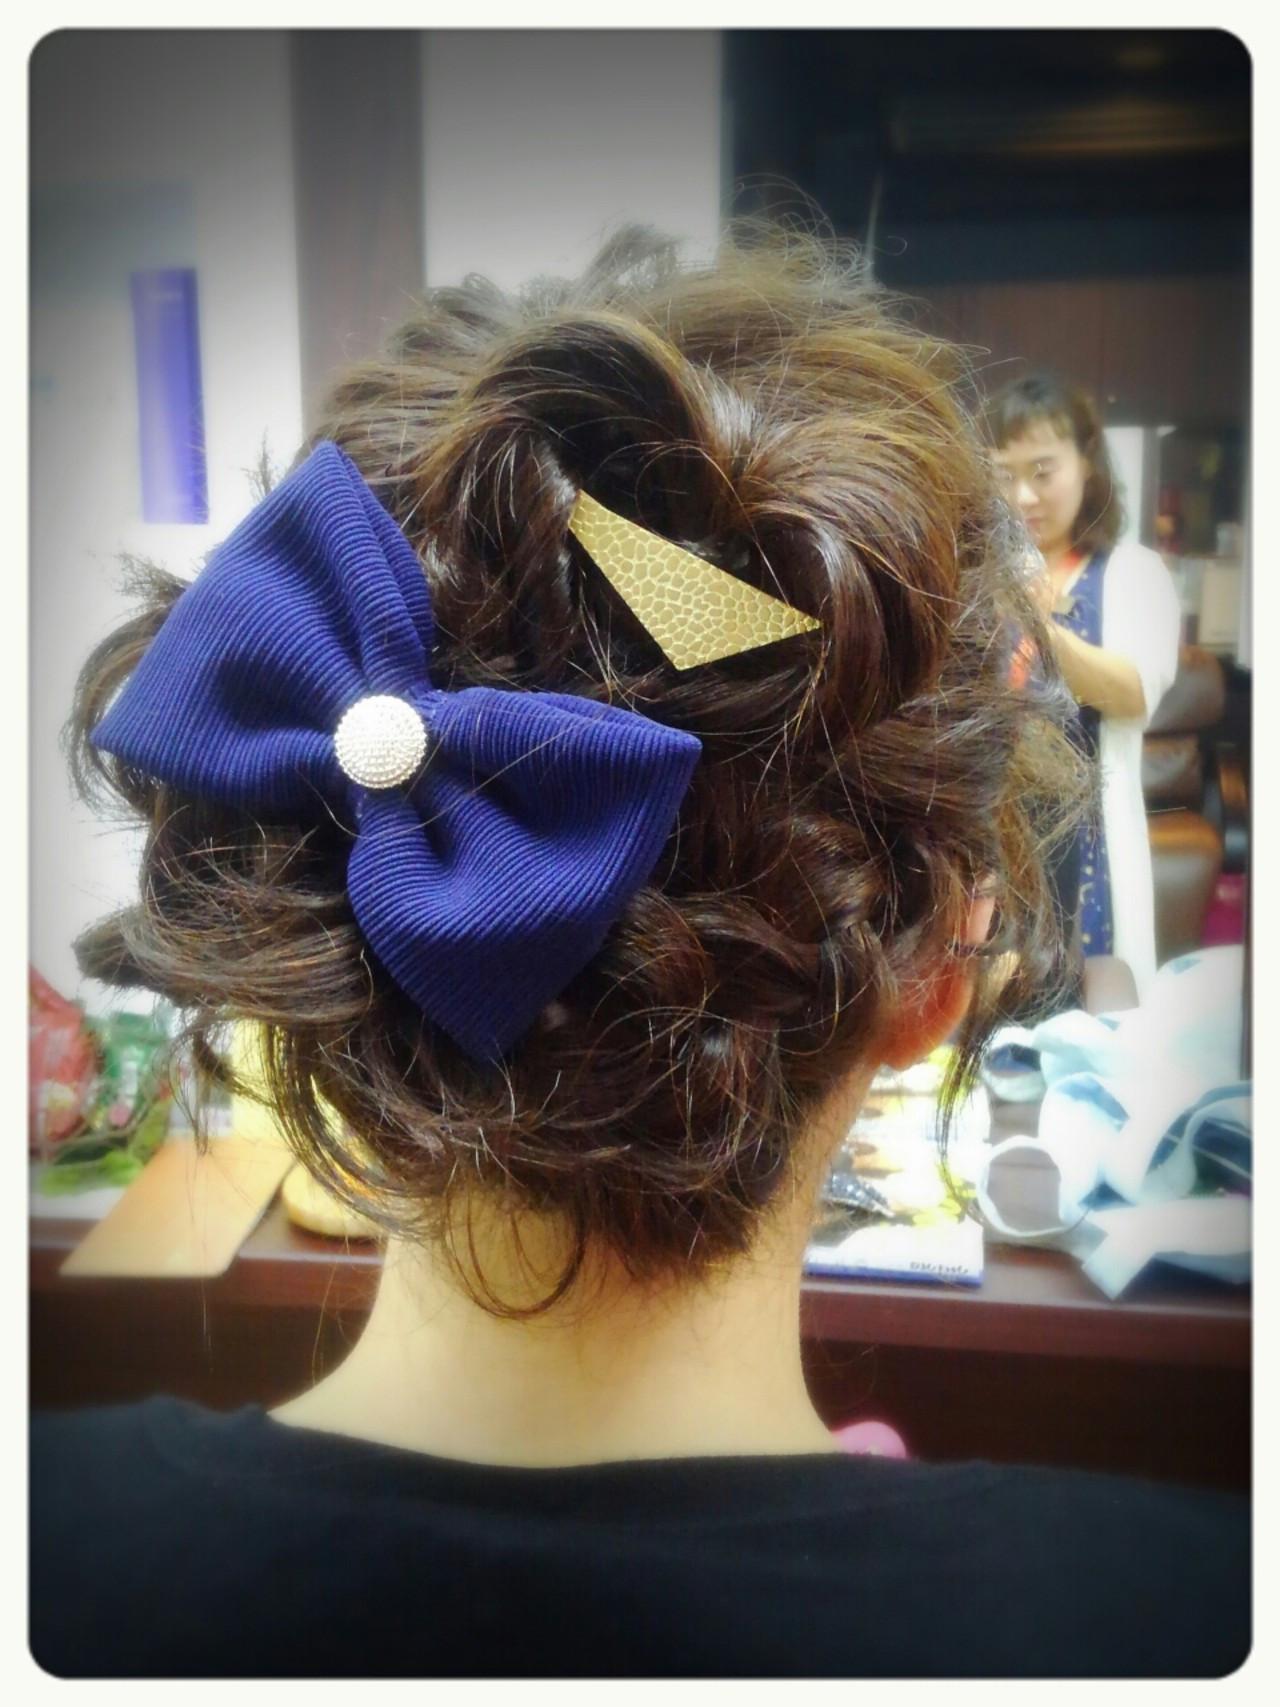 ハートモチーフでガーリーに♡とびきり可愛くなれちゃうハートのヘアアレンジ10選 えんどう いづみ